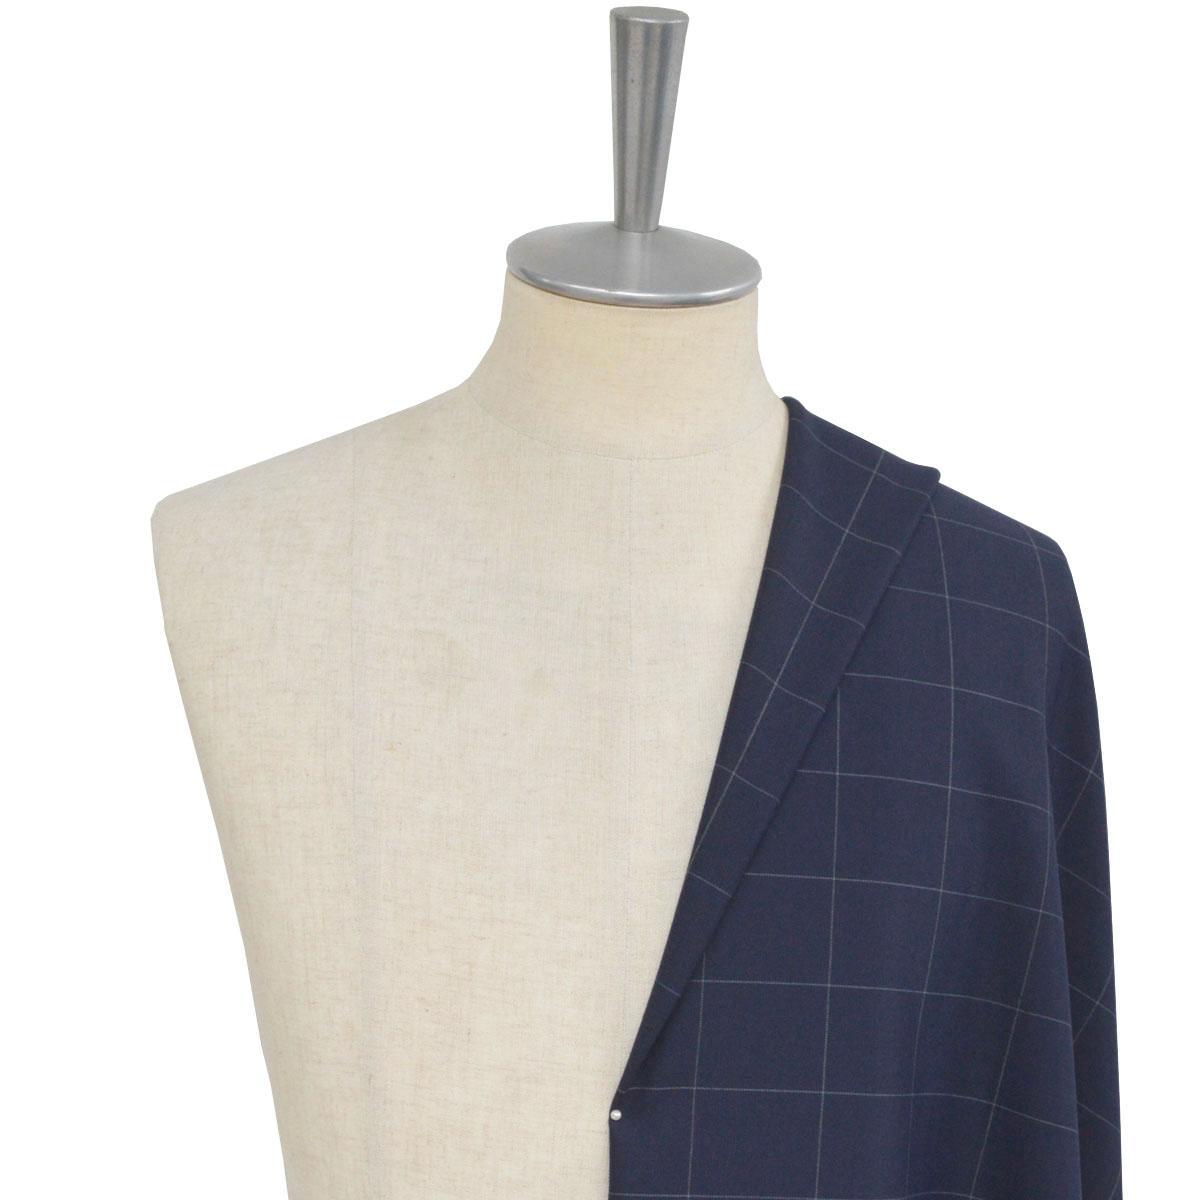 [オーダースーツ]ストレッチスーツで快適に!幅広チェック柄で存在感を!